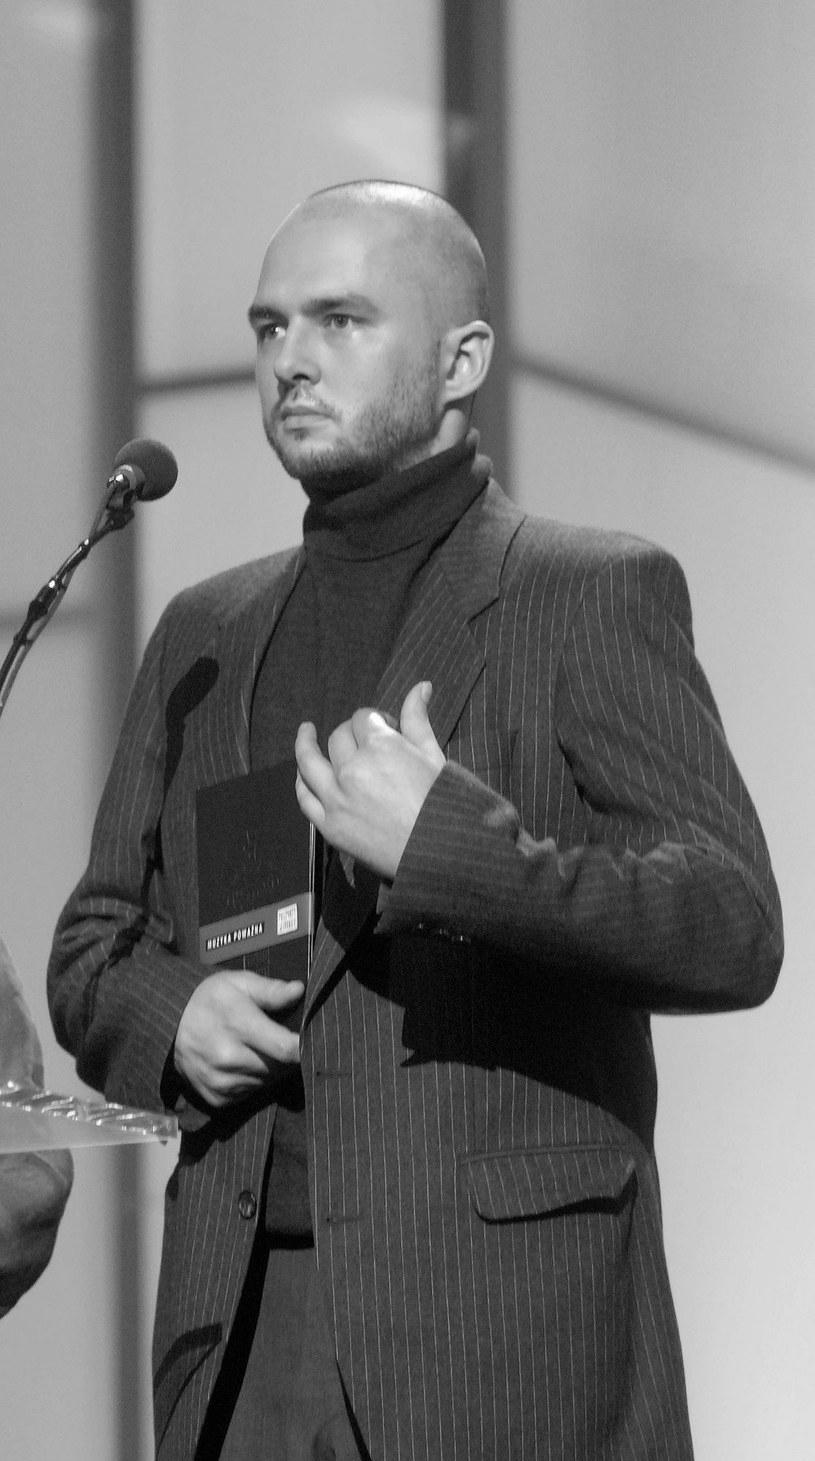 Wybitny wiolonczelista, wielokrotnie nagradzany Dominik Połoński zmarł trzy dni po swoich 41. urodzinach.